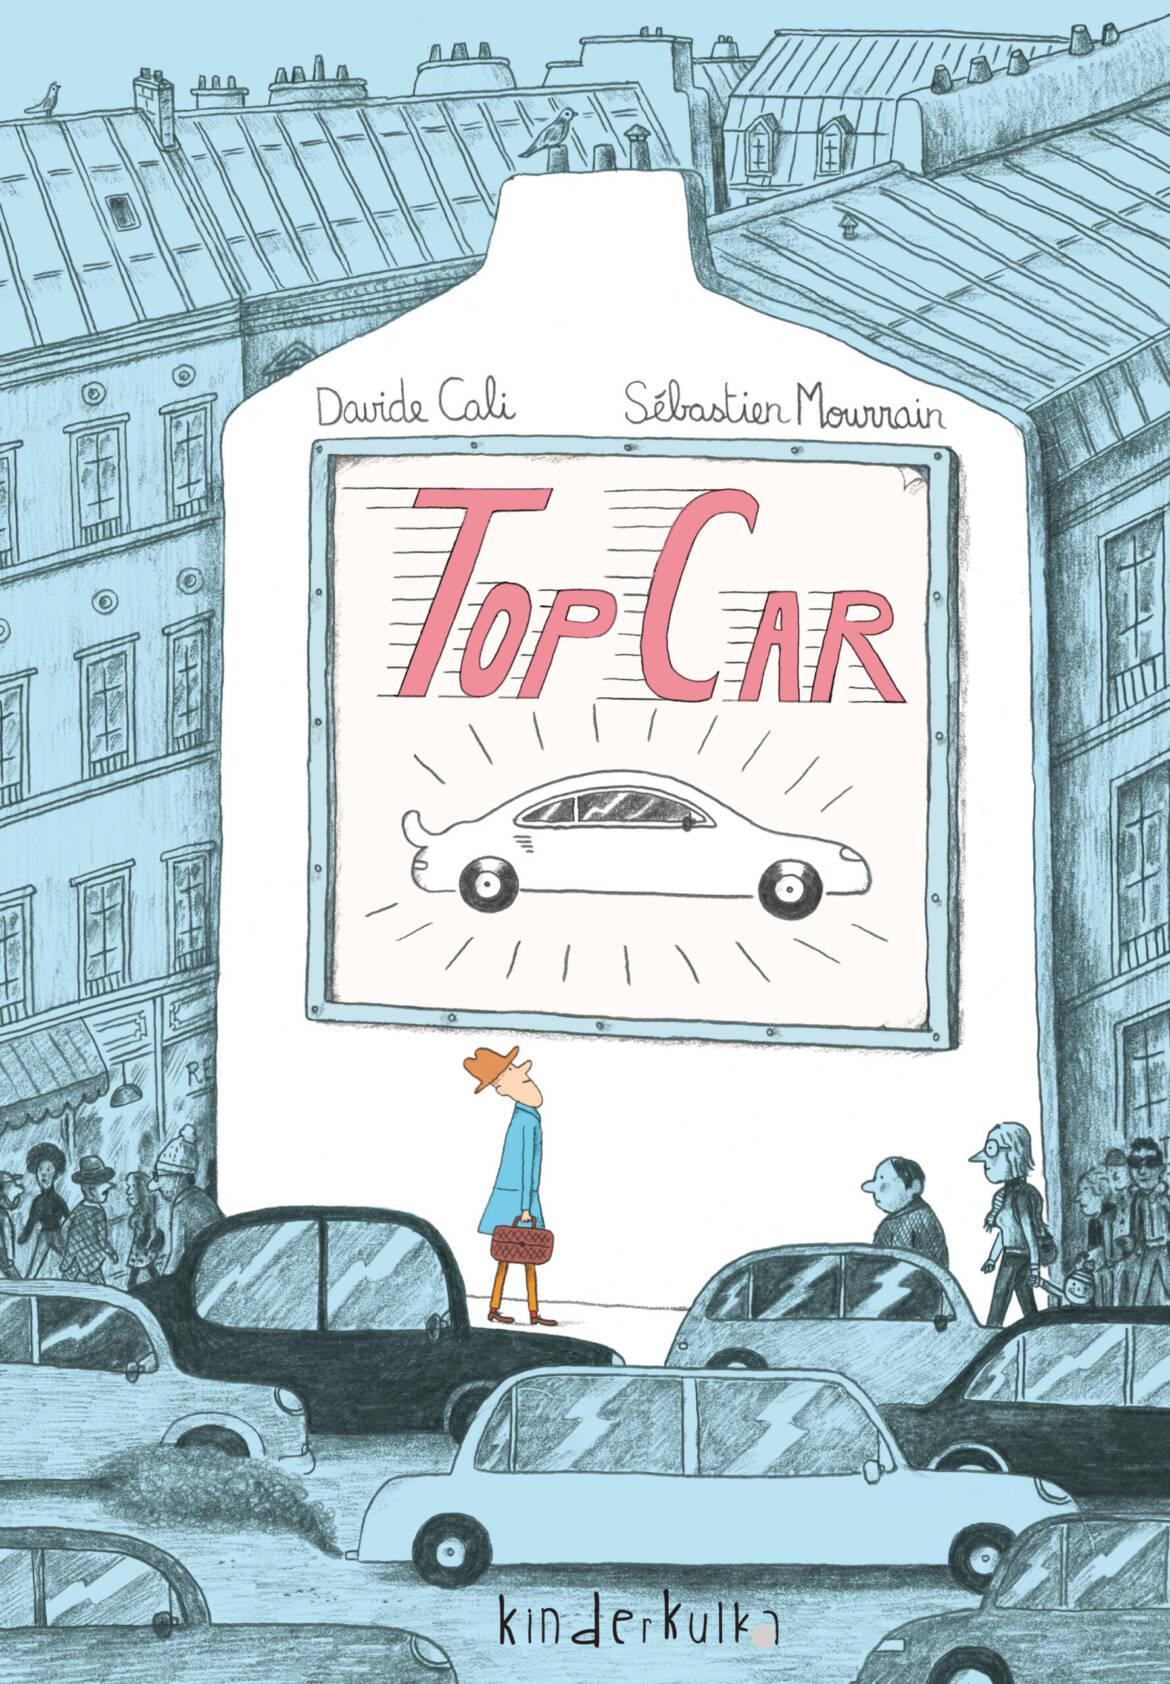 Top_Car_okladka_Kinderkulka-scaled.jpg